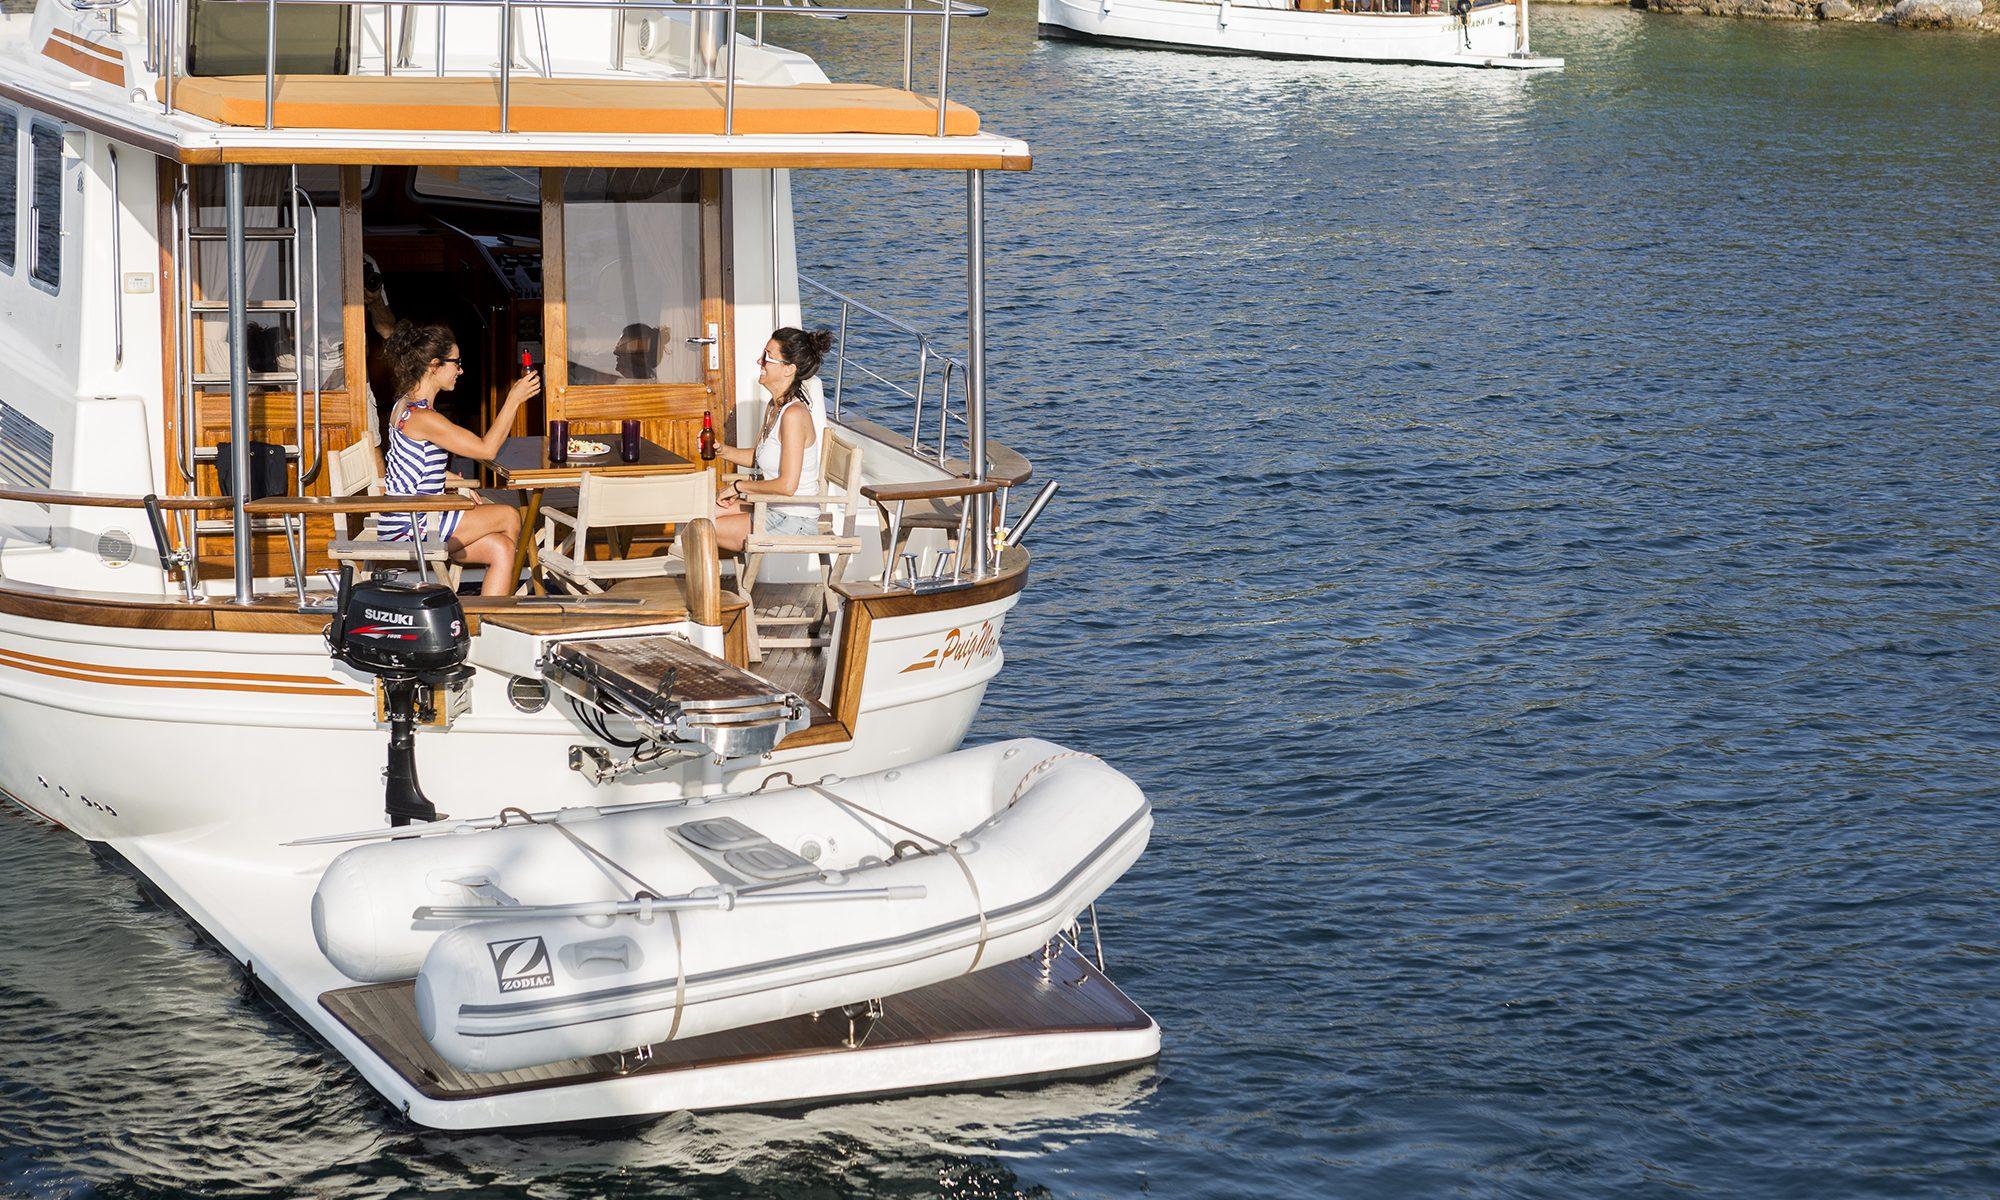 Momentos únicos con la mejor compañía en los barcos de Menorca Nautic